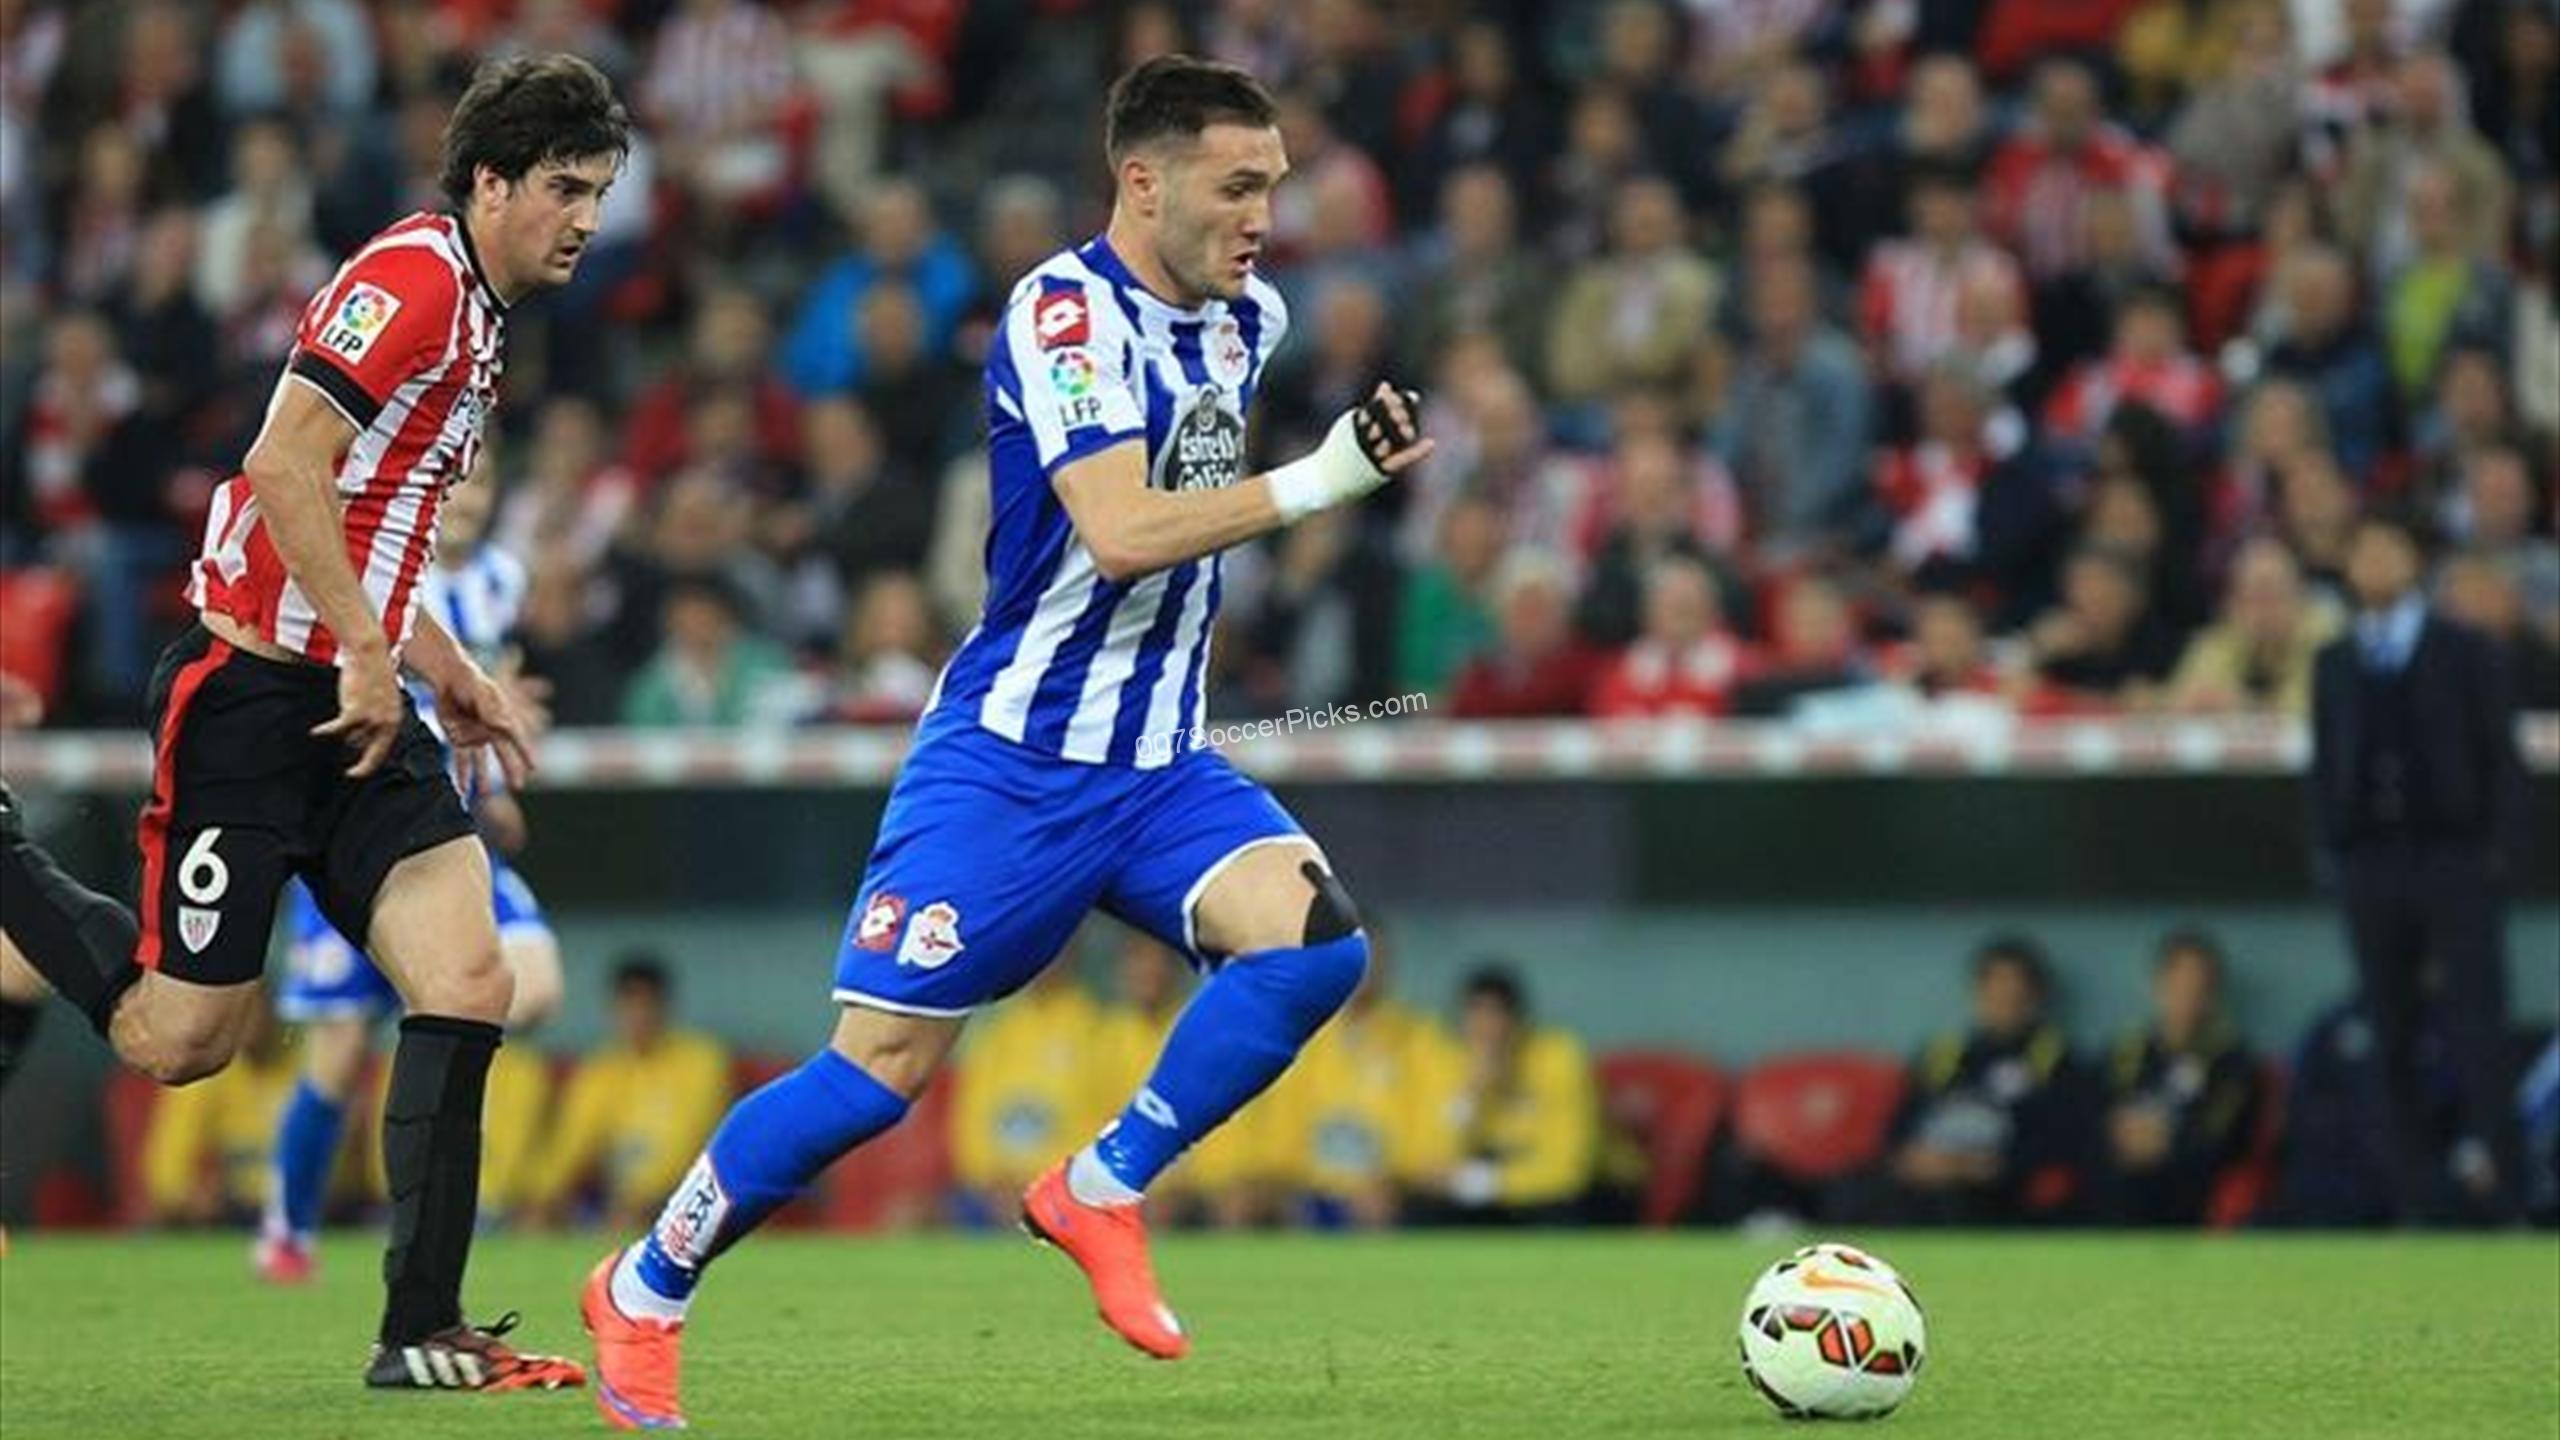 Athletic-Bilbao-Deportivo-La-Coruna